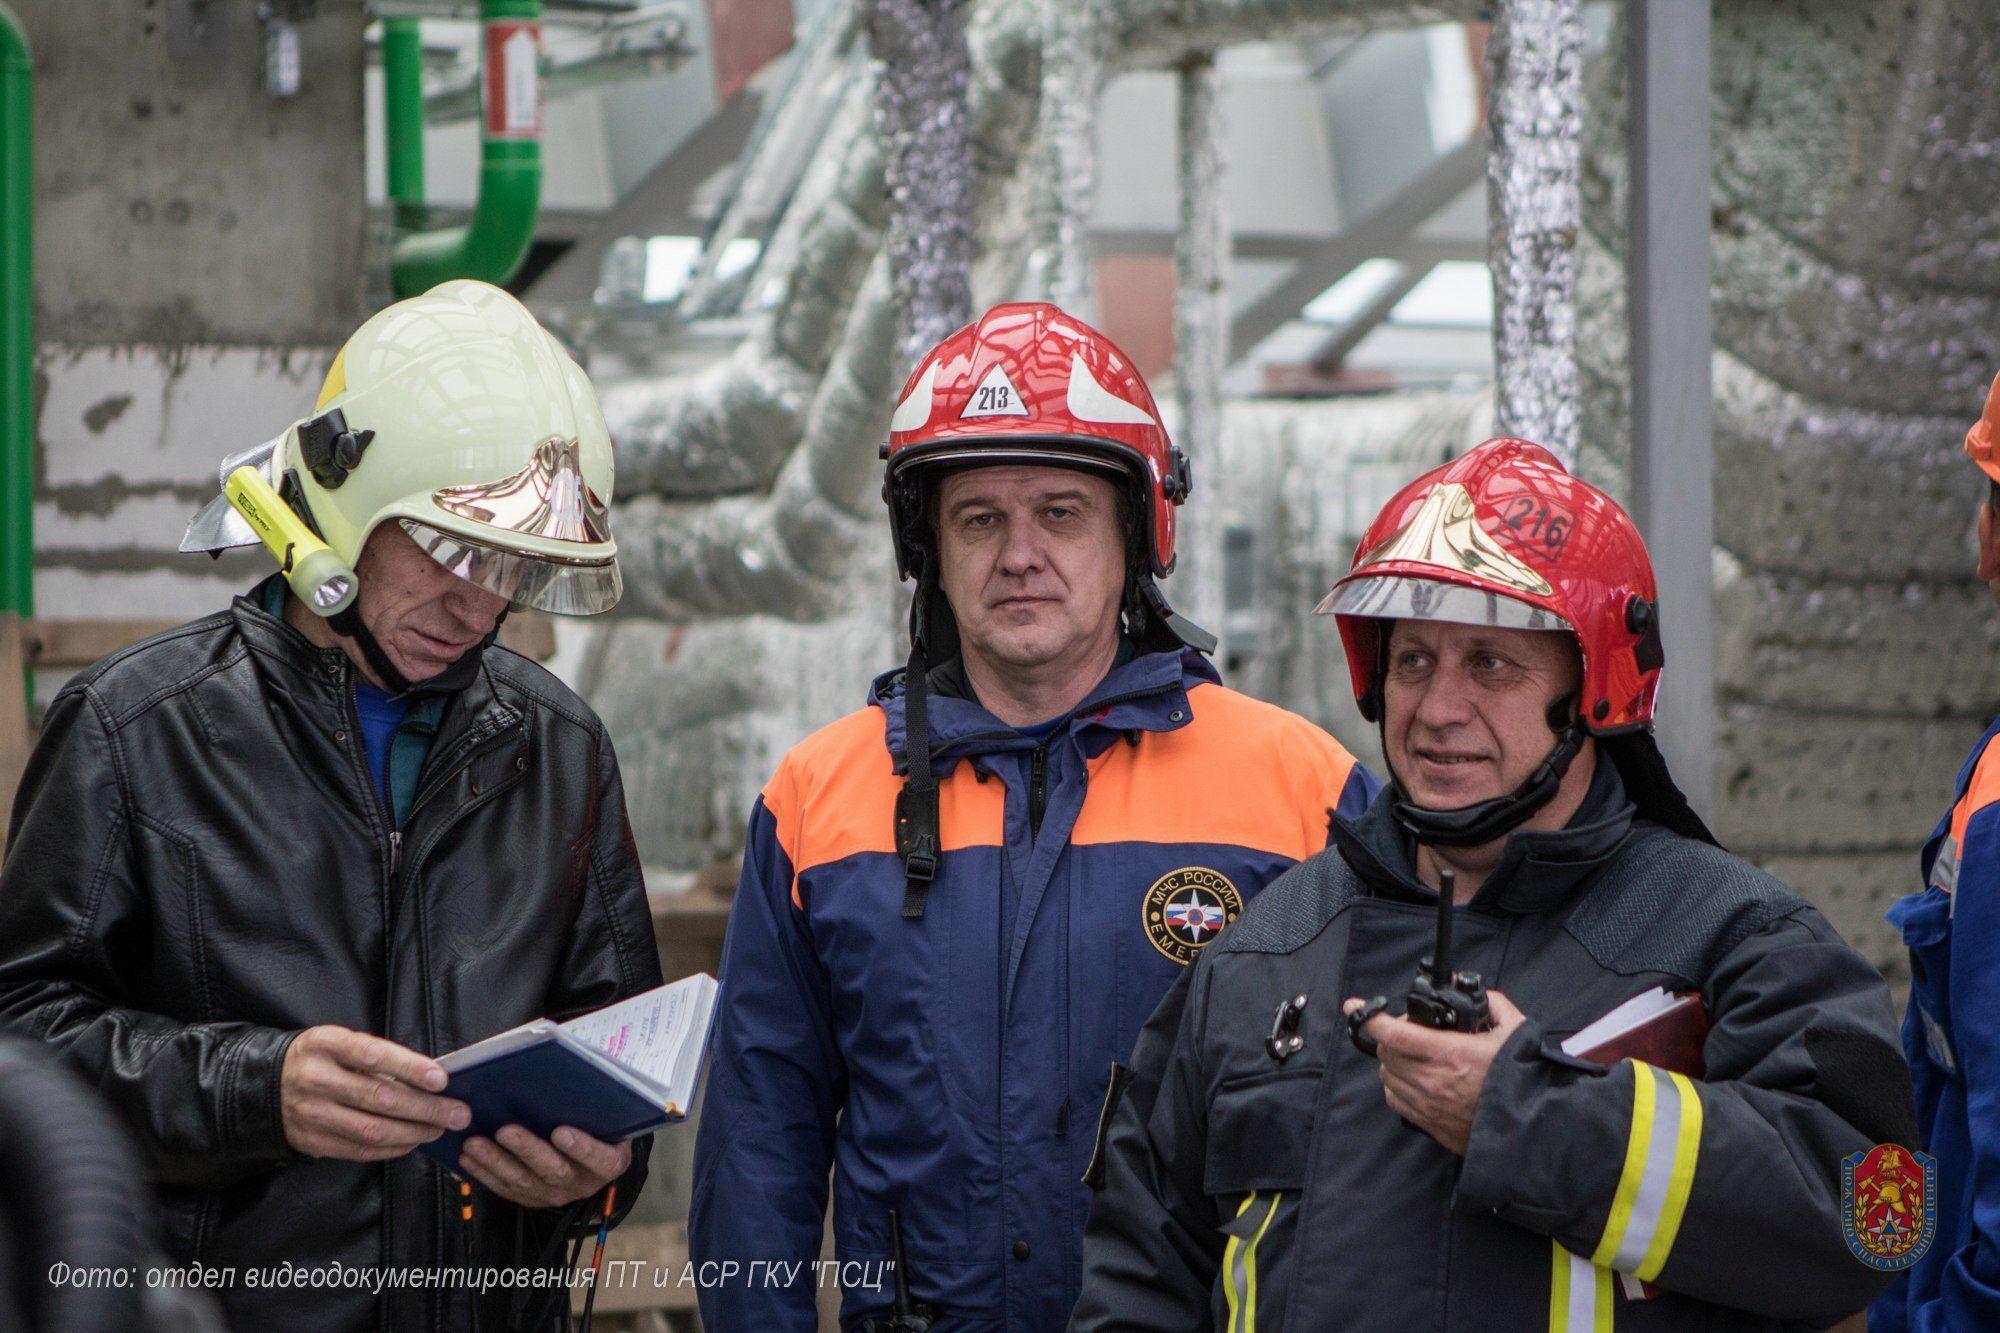 Пожарная безопасность ВДНХ находится под надежной охраной профессионалов